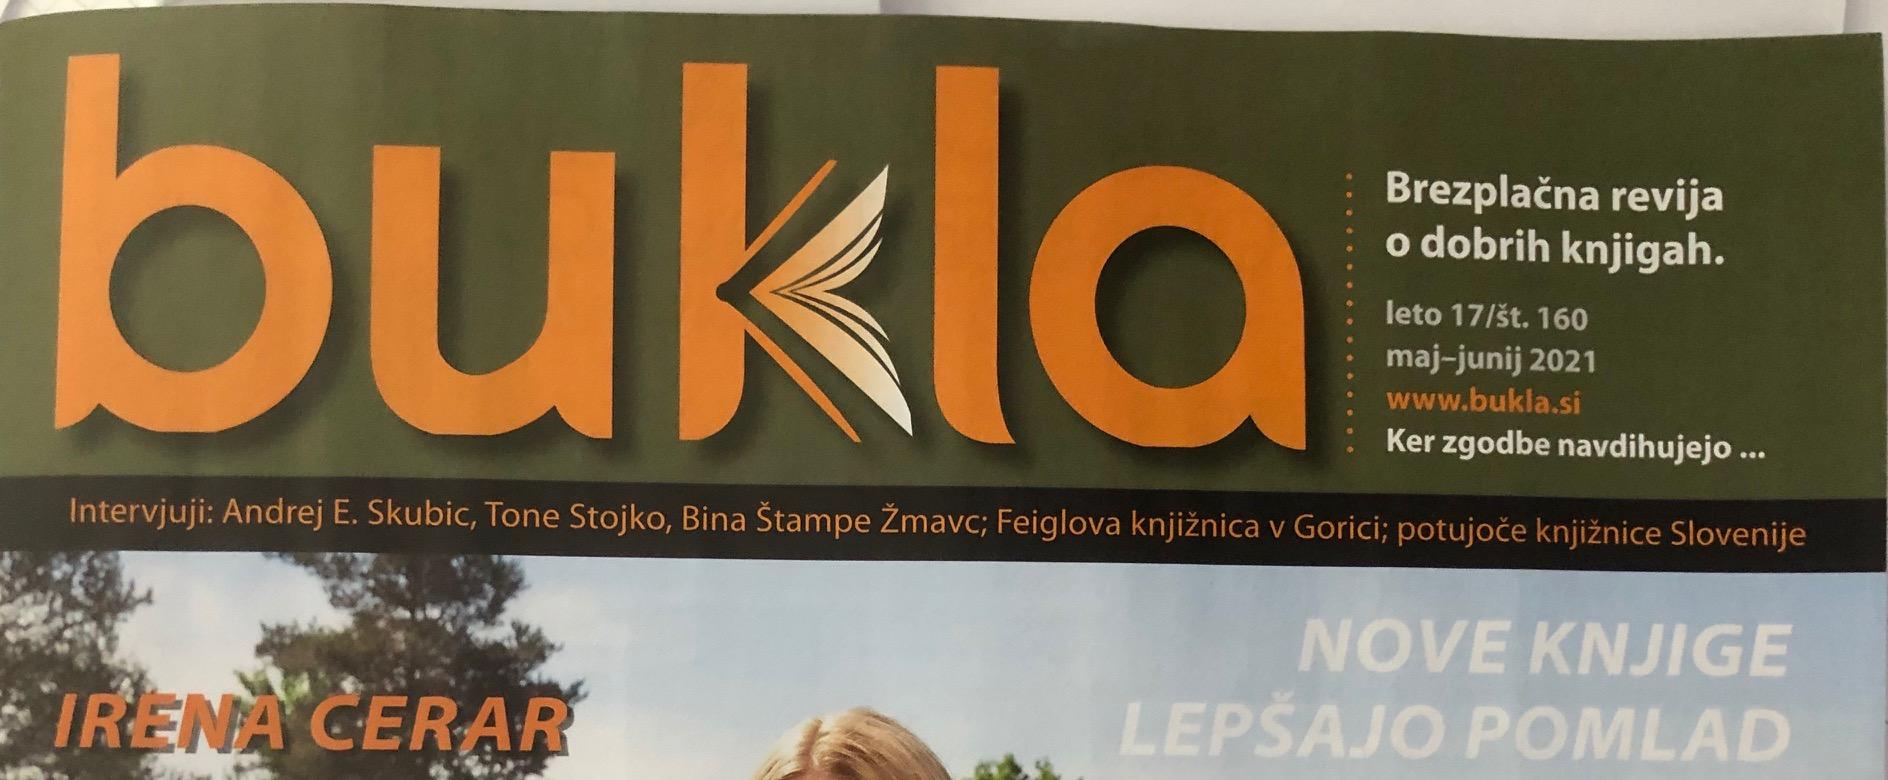 Milijonček za prijaznost, Bukla, maj-junij 2021